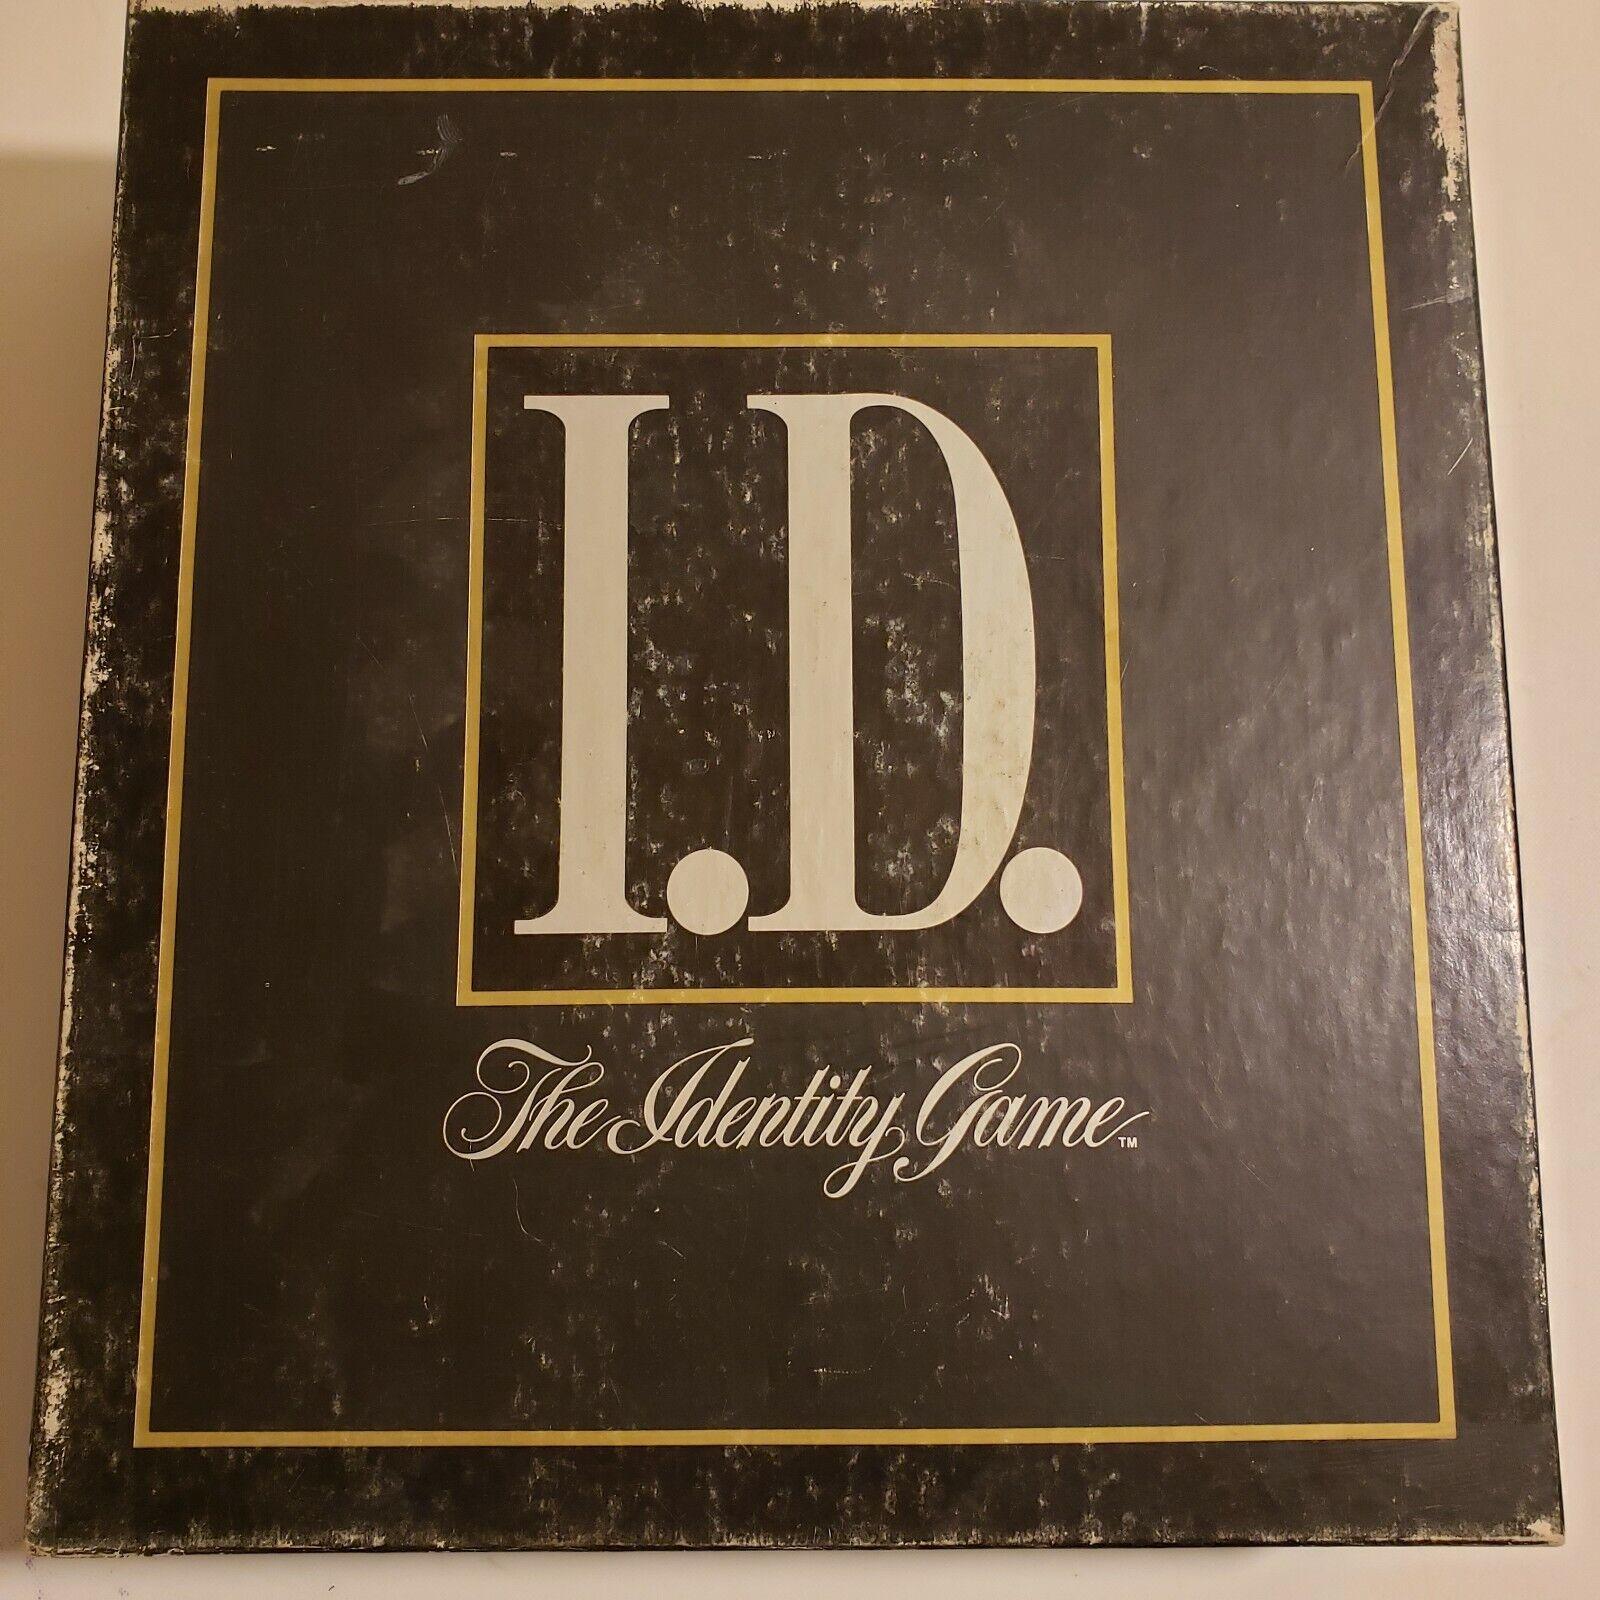 Mercancía de alta calidad y servicio conveniente y honesto. 1988 tarjeta de juego de identidad I.D. la la la mejor pista adivinando ricos y famosos  gran descuento